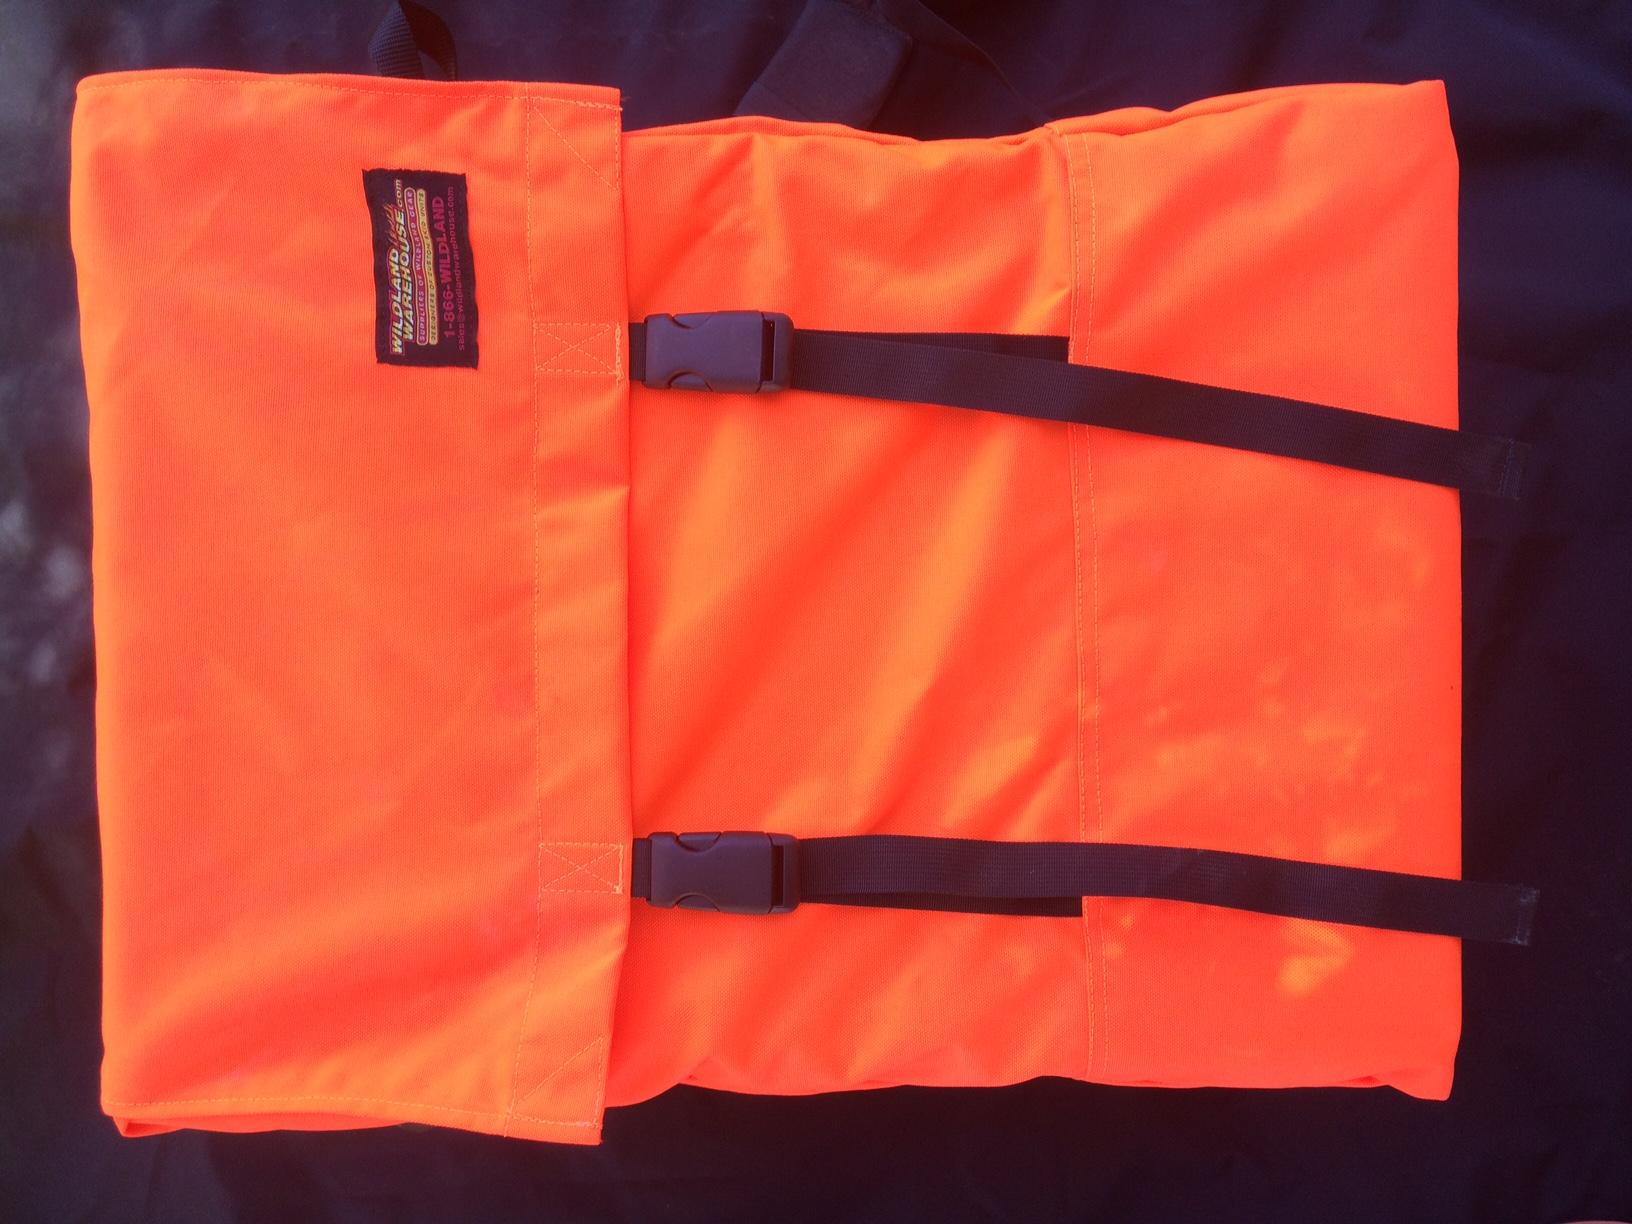 Blaze Orange Hose Pack - Wildland Warehouse | Gear for Wildland Fire